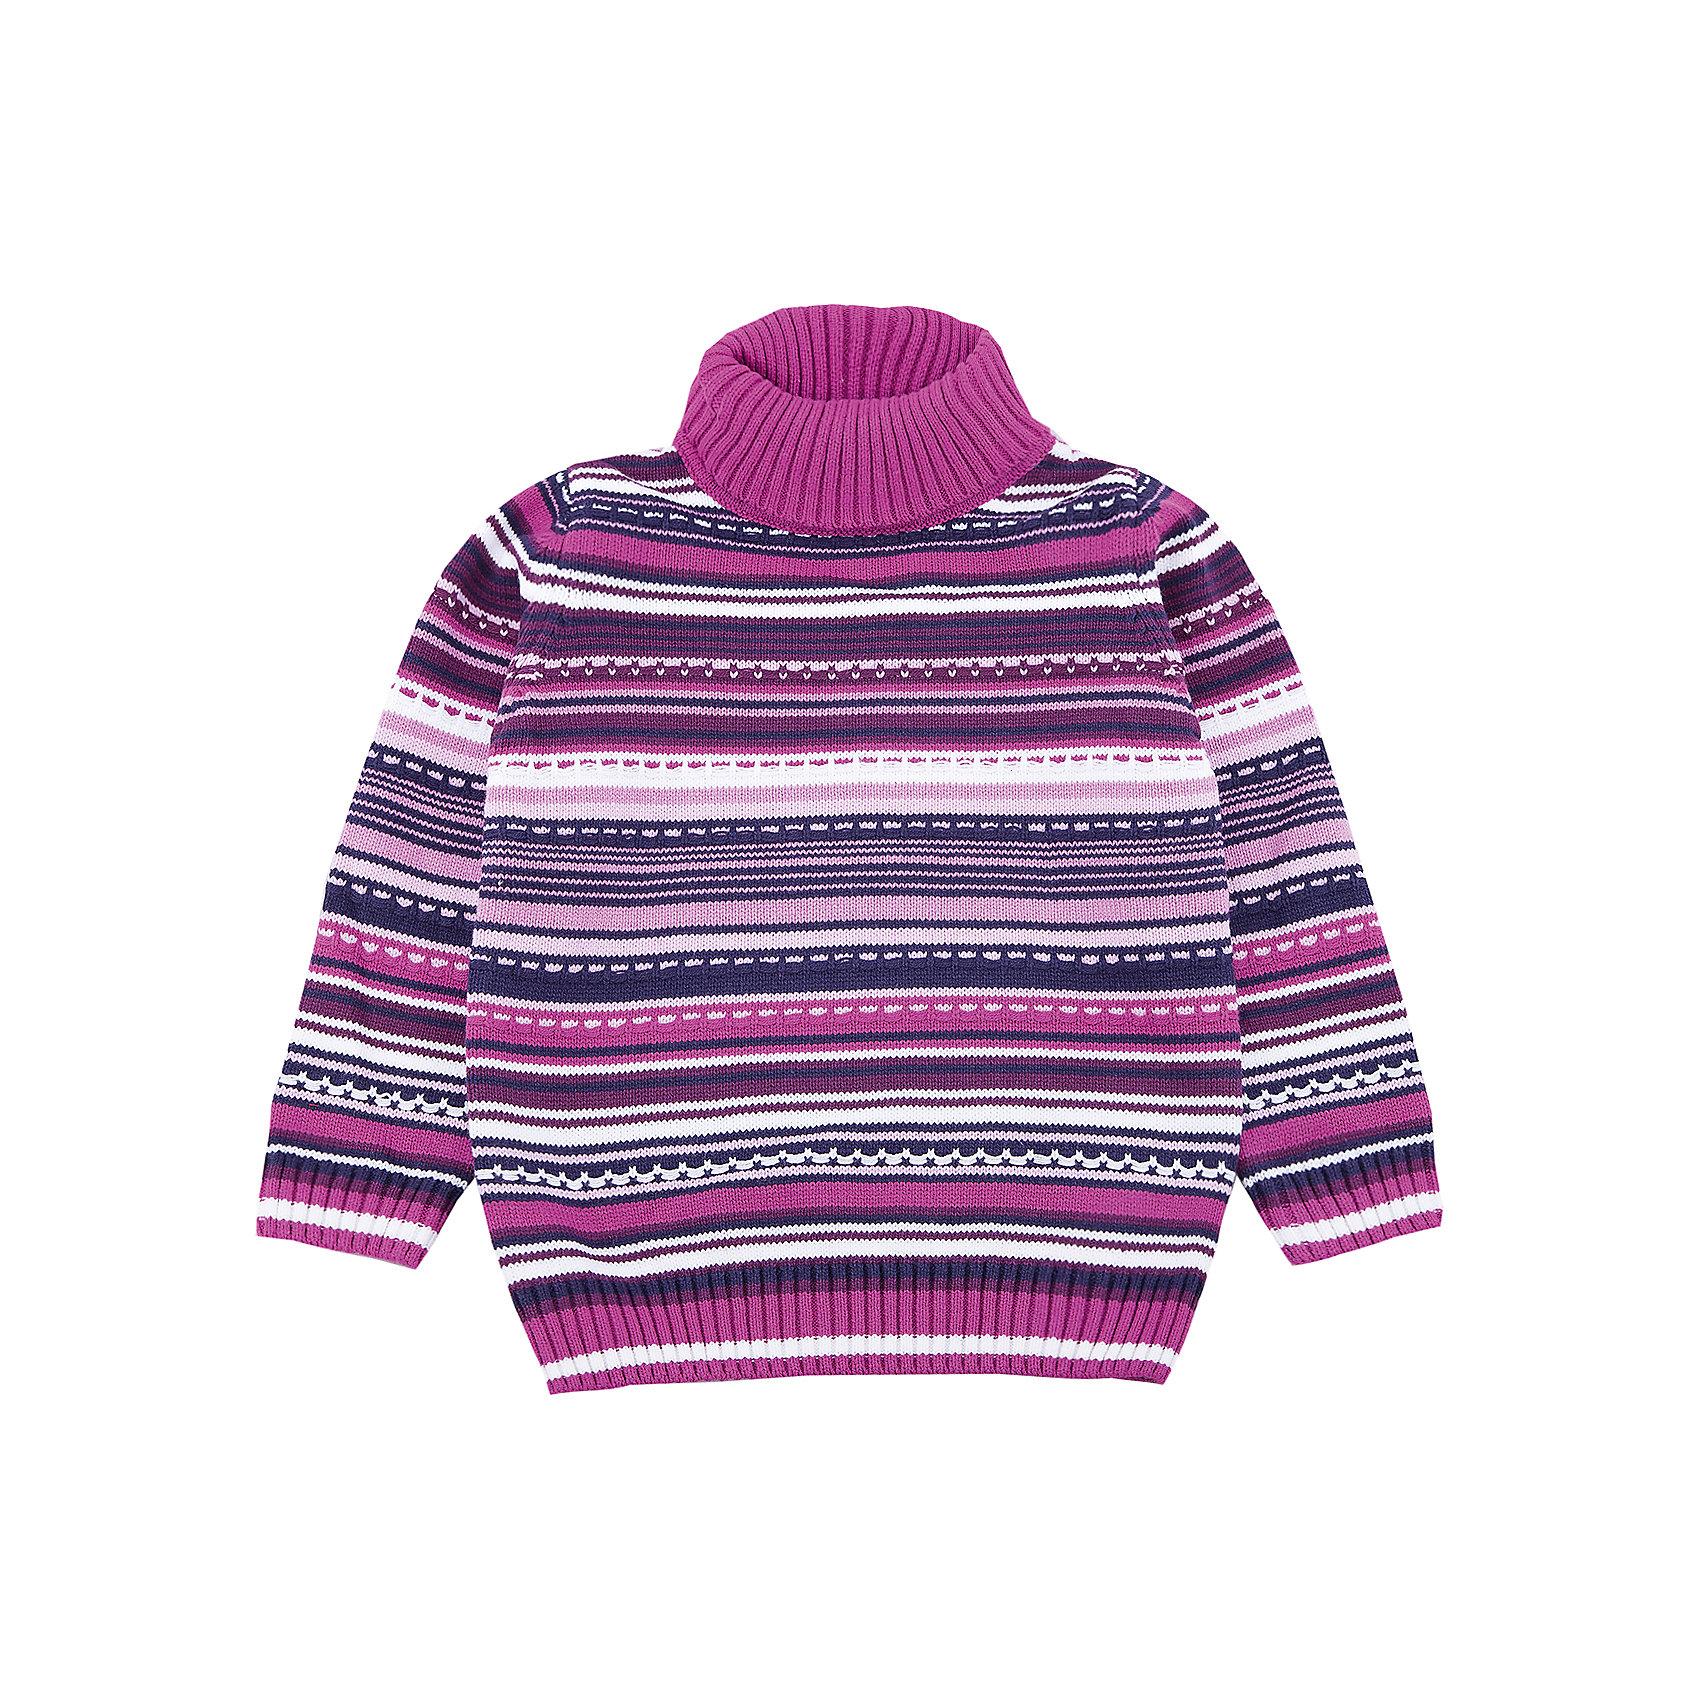 Свитер PlayToday для девочкиСвитера и кардиганы<br>Свитер PlayToday для девочки<br>Удобный свитер с высоким горлом - отличное решение для повседневного гардероба ребенка. Модель выполнена по технологии yarn dyed -  в процессе производства используются разного цвета нити. При правильном уходе изделие не линяет и надолго остается в первоначальном виде. Горловина, манжеты и низ изделия на мягких трикотажных резинках. Свободный крой не сковывает движений ребенка.<br>Состав:<br>60% хлопок, 40% акрил<br><br>Ширина мм: 190<br>Глубина мм: 74<br>Высота мм: 229<br>Вес г: 236<br>Цвет: белый<br>Возраст от месяцев: 84<br>Возраст до месяцев: 96<br>Пол: Женский<br>Возраст: Детский<br>Размер: 128,110,98,104,116,122<br>SKU: 7115825